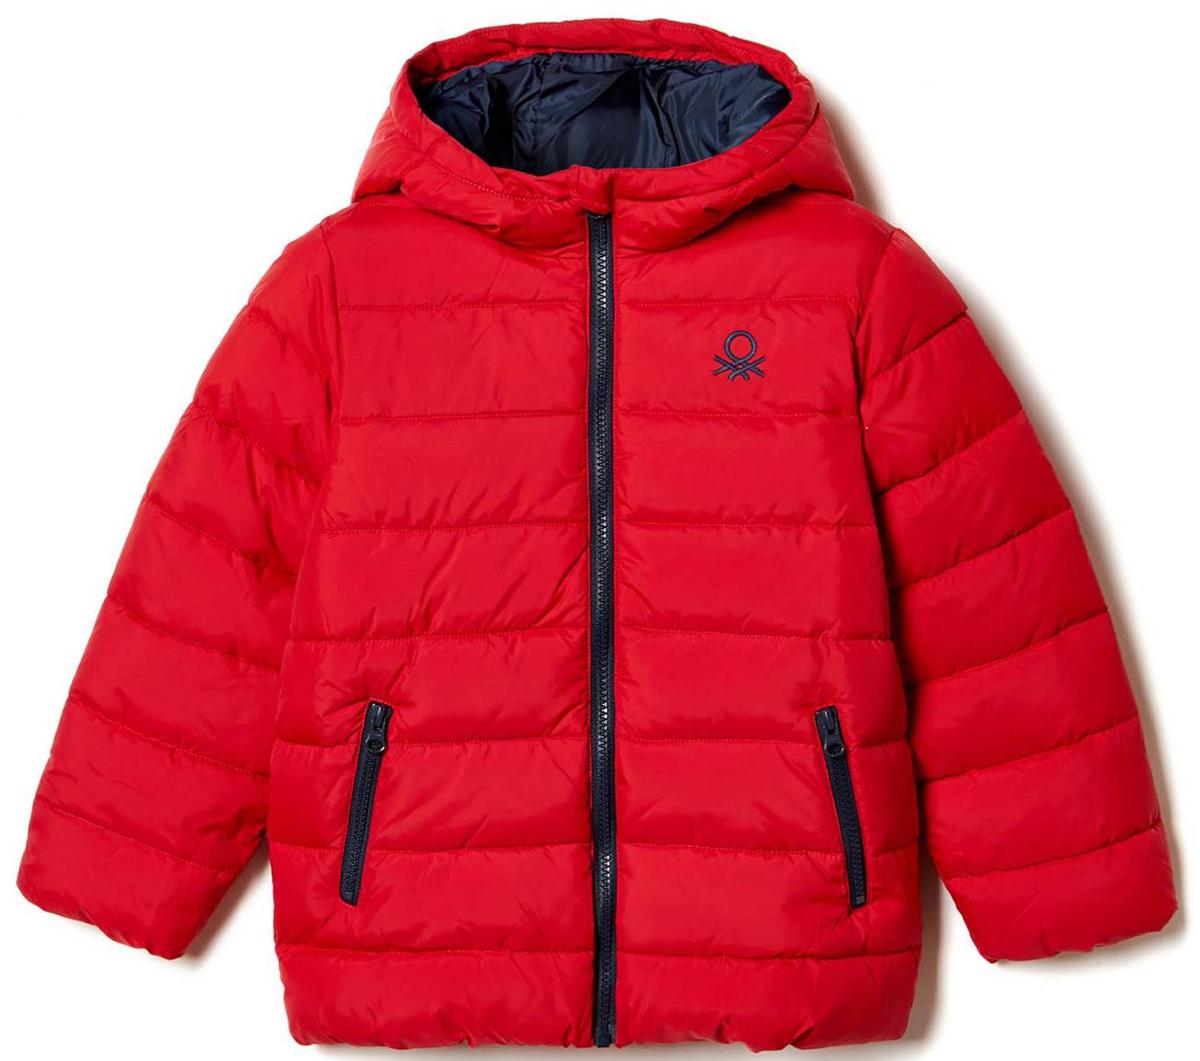 Куртка для мальчика United Colors of Benetton, цвет: красный. 2WU0539Q0_07C. Размер 1002WU0539Q0_07CКуртка для мальчика United Colors of Benetton выполнена из полиэстера. Модель с капюшоном и длинными рукавами застегивается на застежку-молнию.